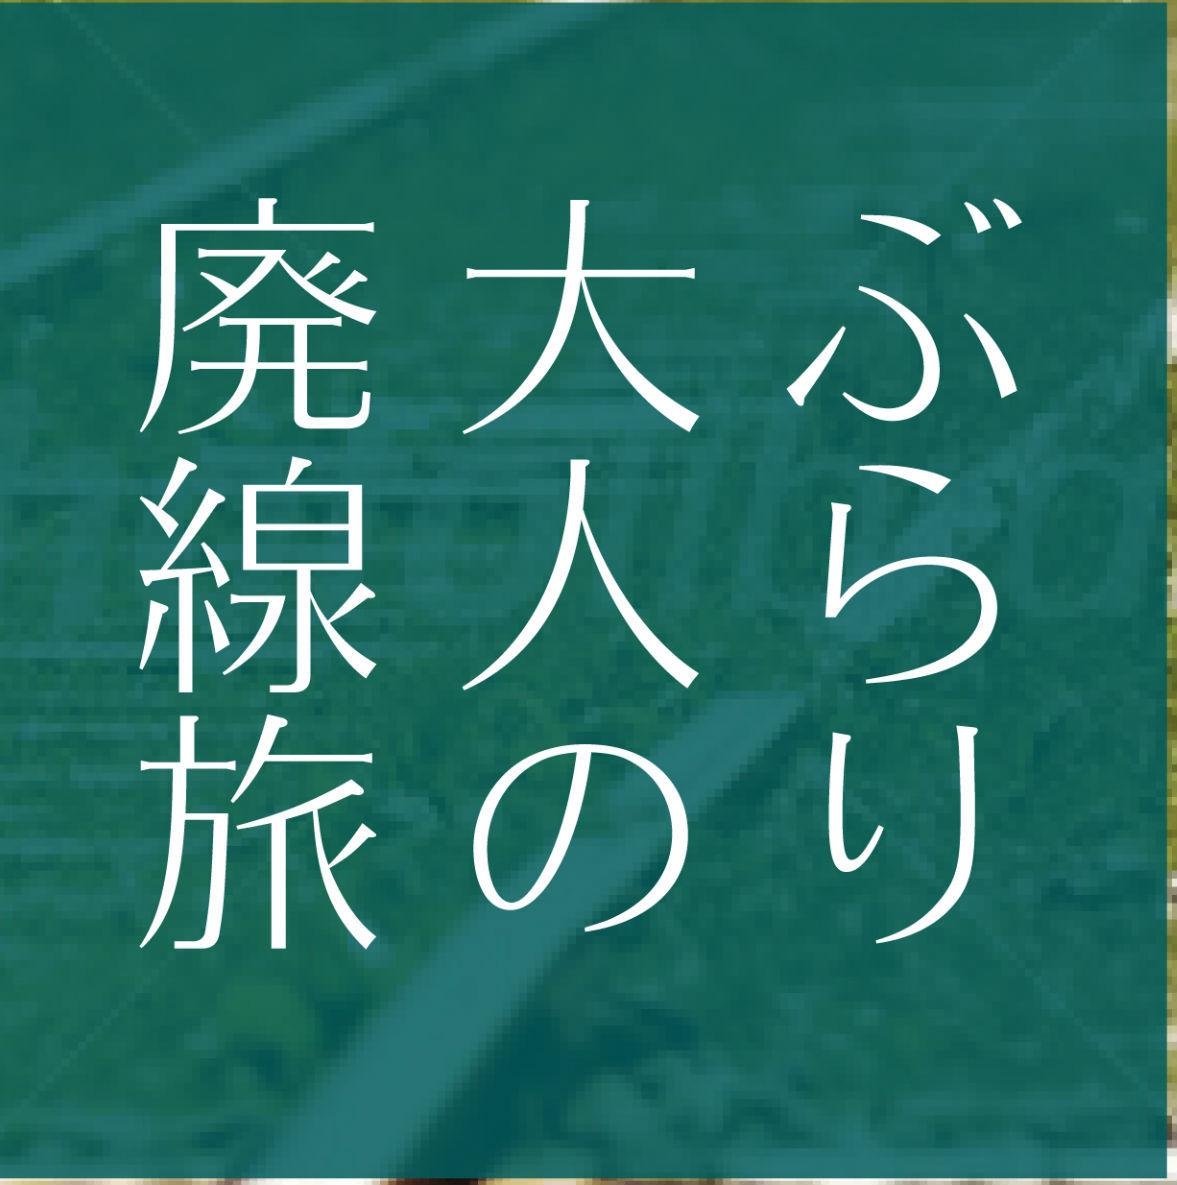 井笠鉄道【後編】記念館と往年の鉄道車両を目指して